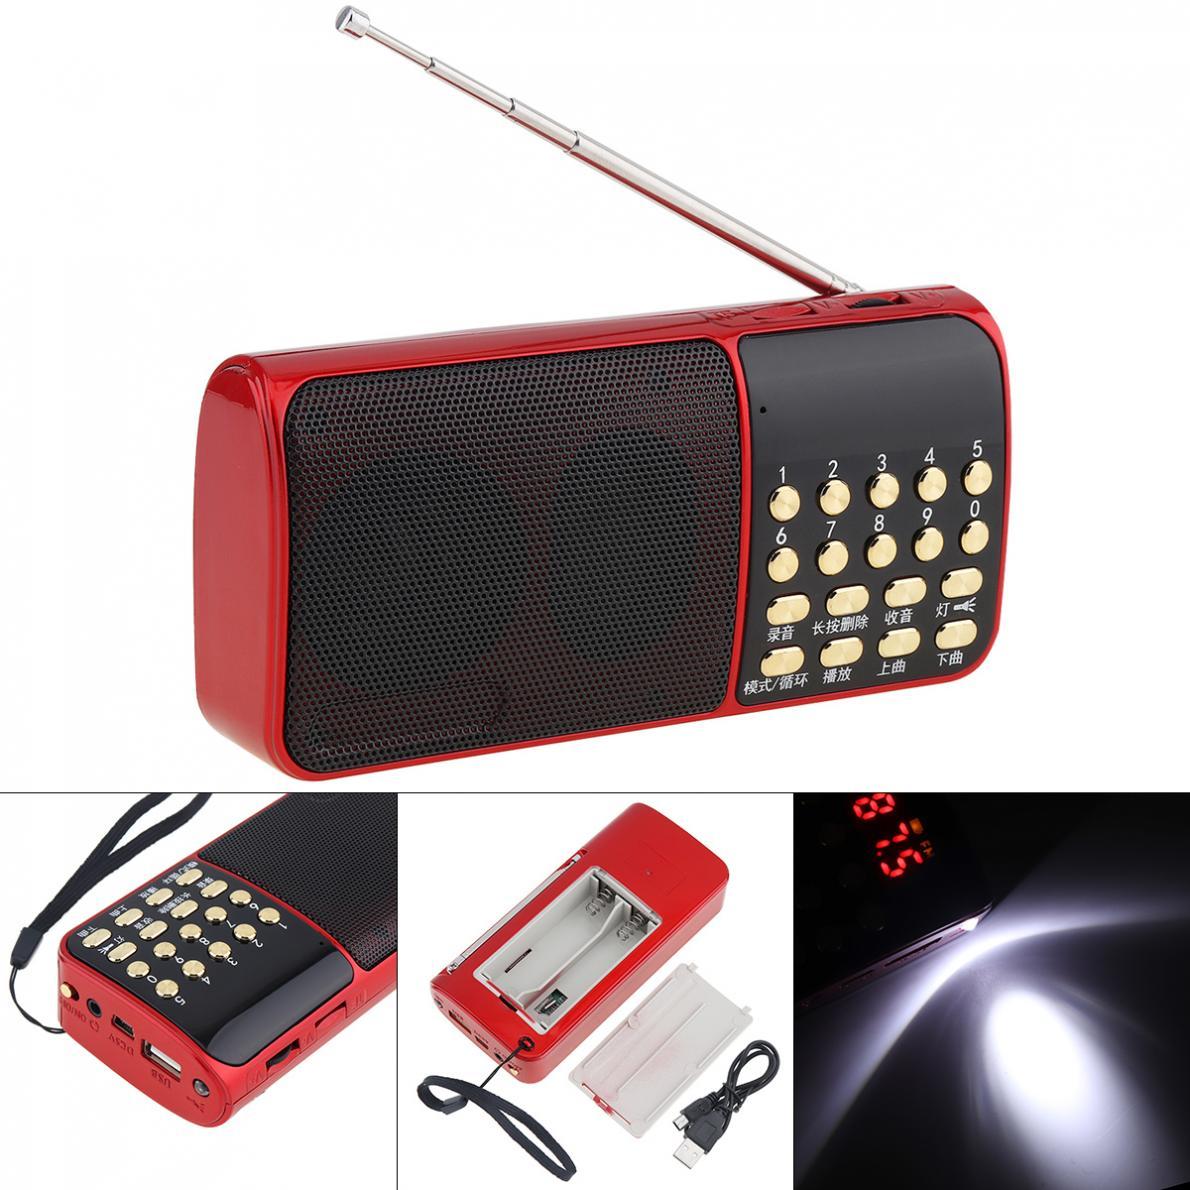 E51 Tragbare Radio Mini Audio Karte Lautsprecher Fm Radio Mit One-taste Beleuchtung Und Haltepunkt Speicher Für Hause Im Freien Unterhaltungselektronik Radio